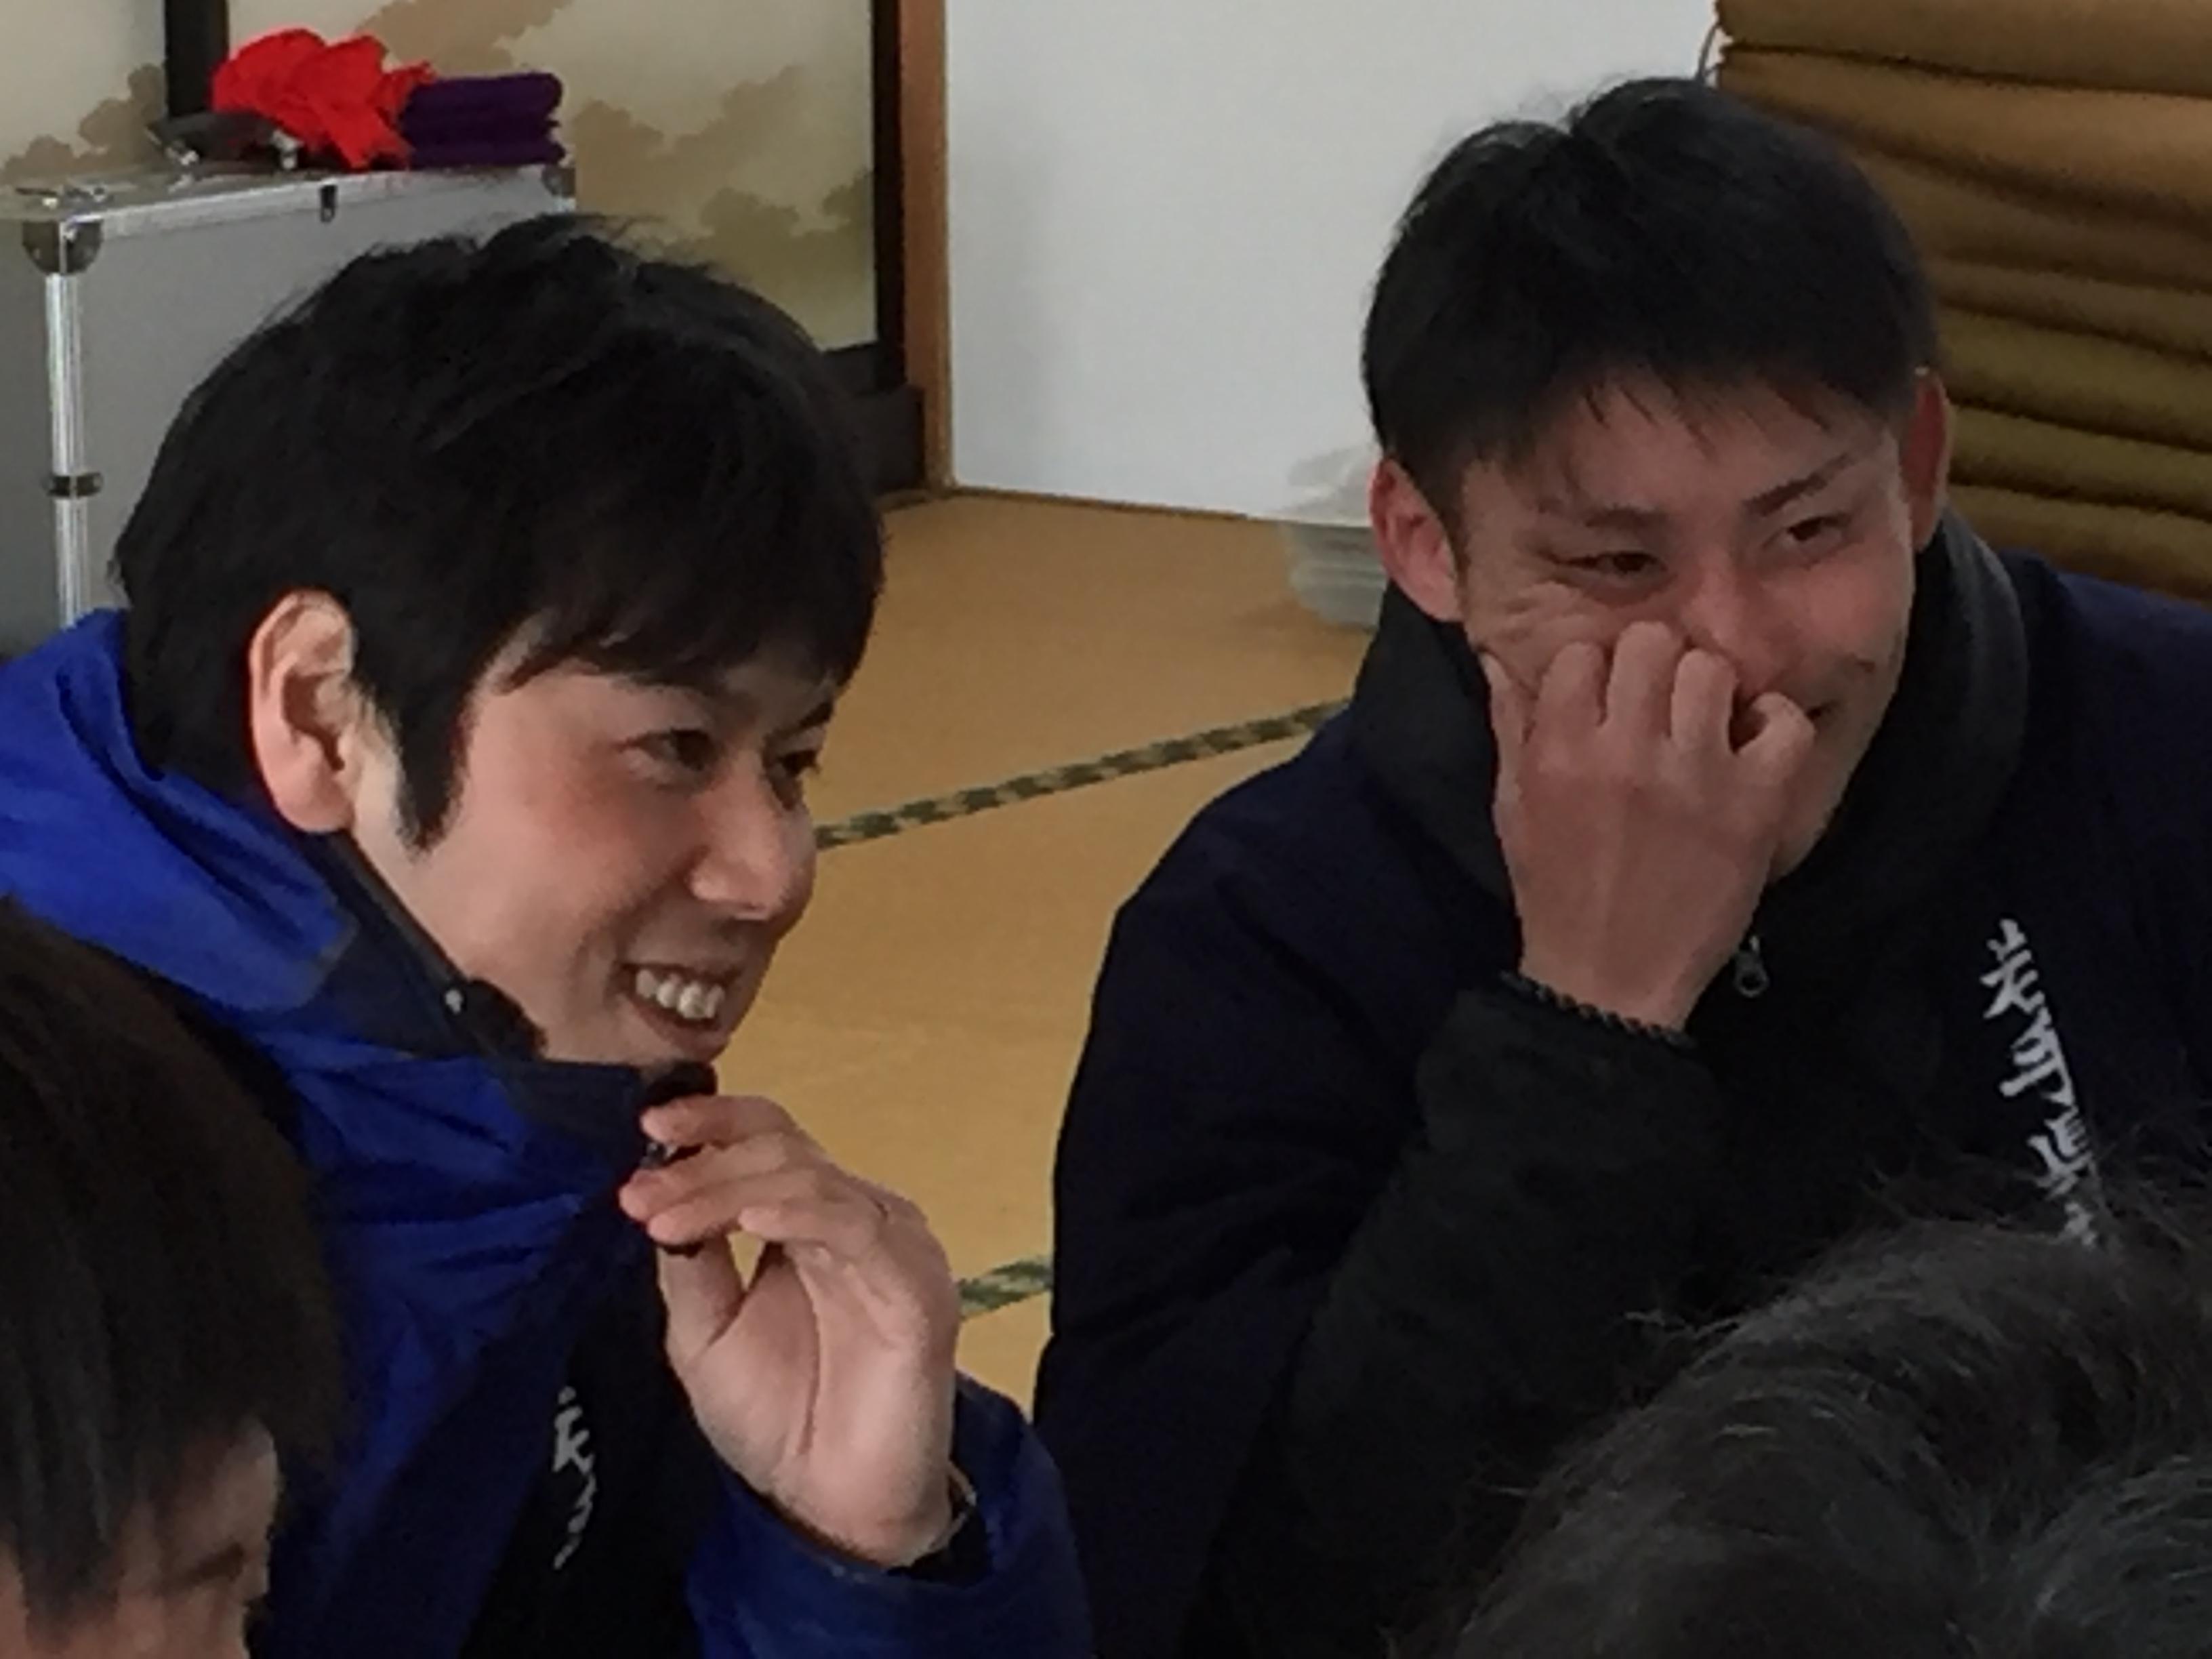 メンバーの宍戸透高さんと佐々木駿伍さん